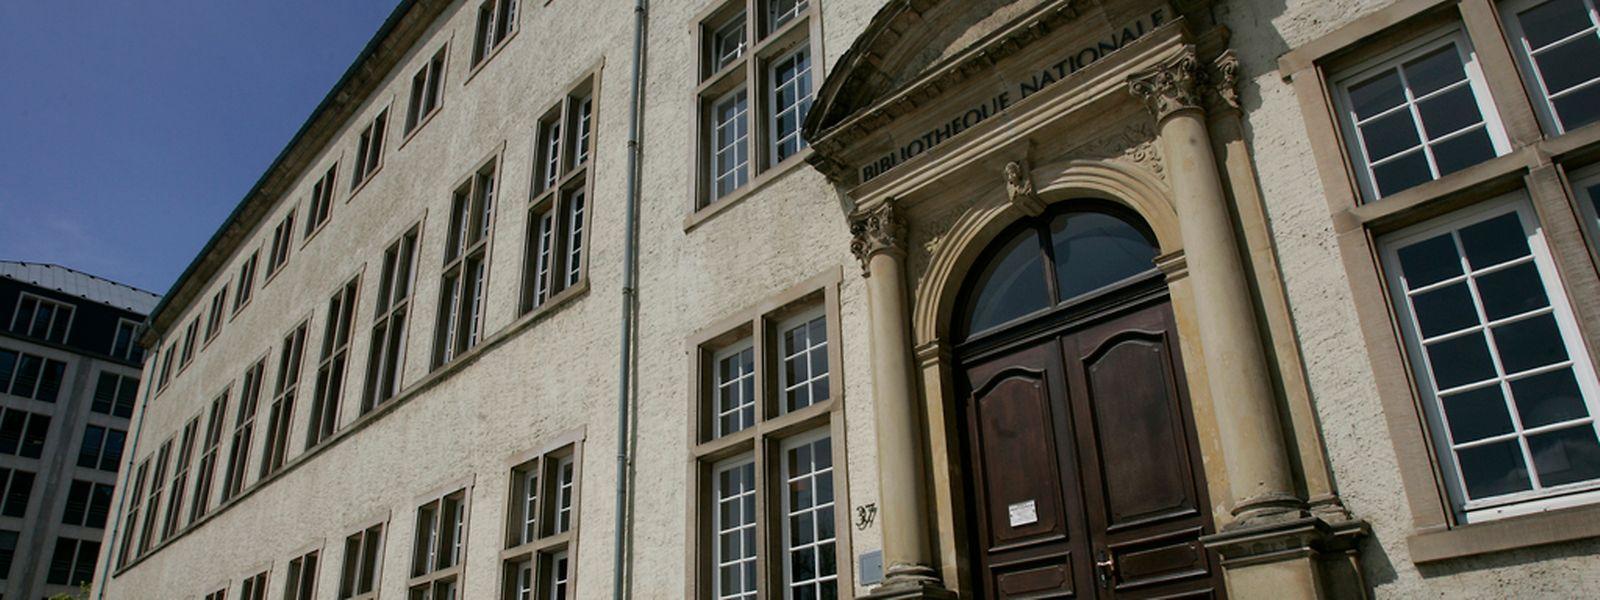 Die Nationalbibliothek senkt das Mindestalter bei Anmeldungen.